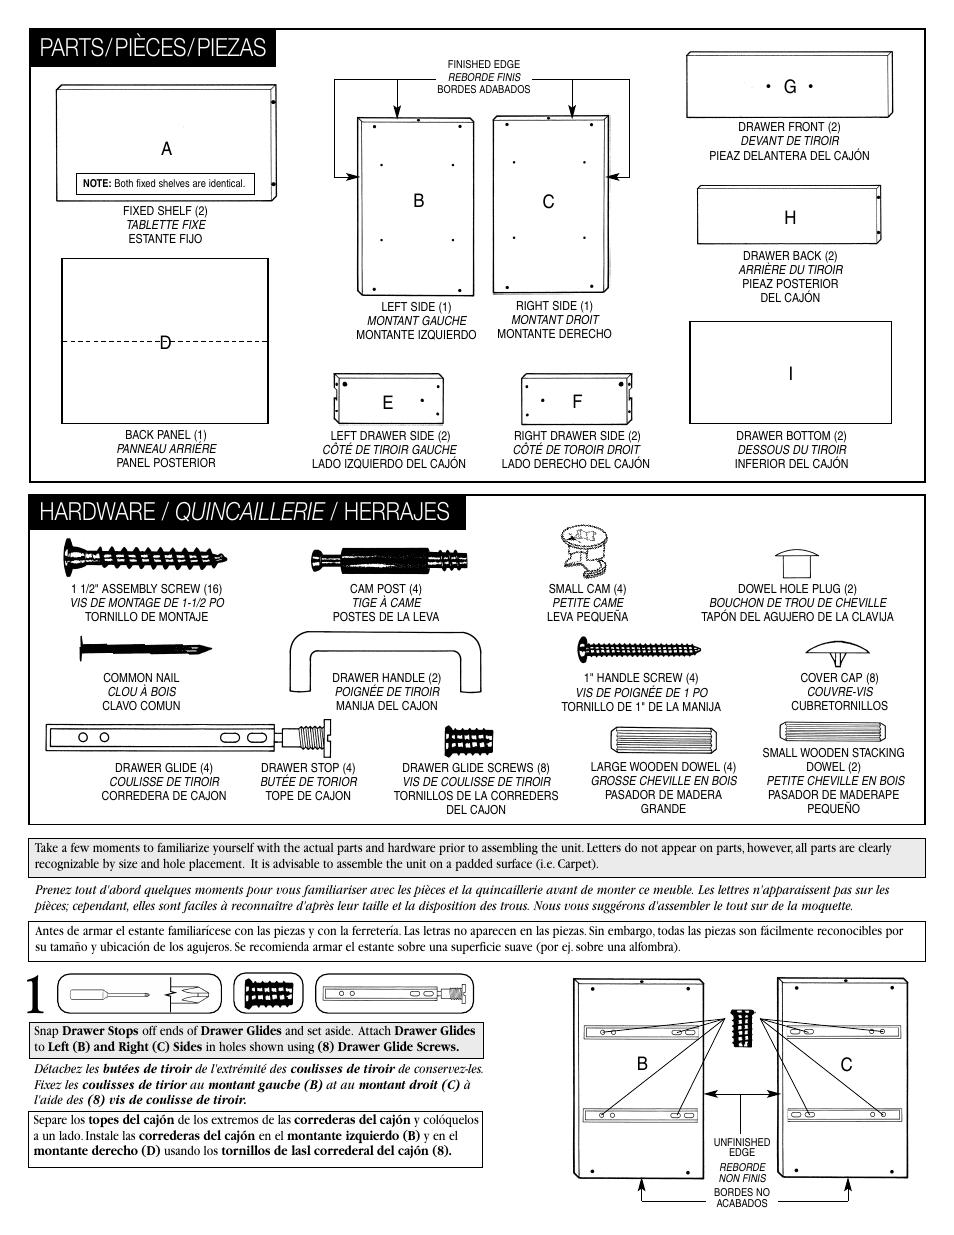 Hardware Quincaillerie Herrajes Parts Pieces Piezas Hg E F I